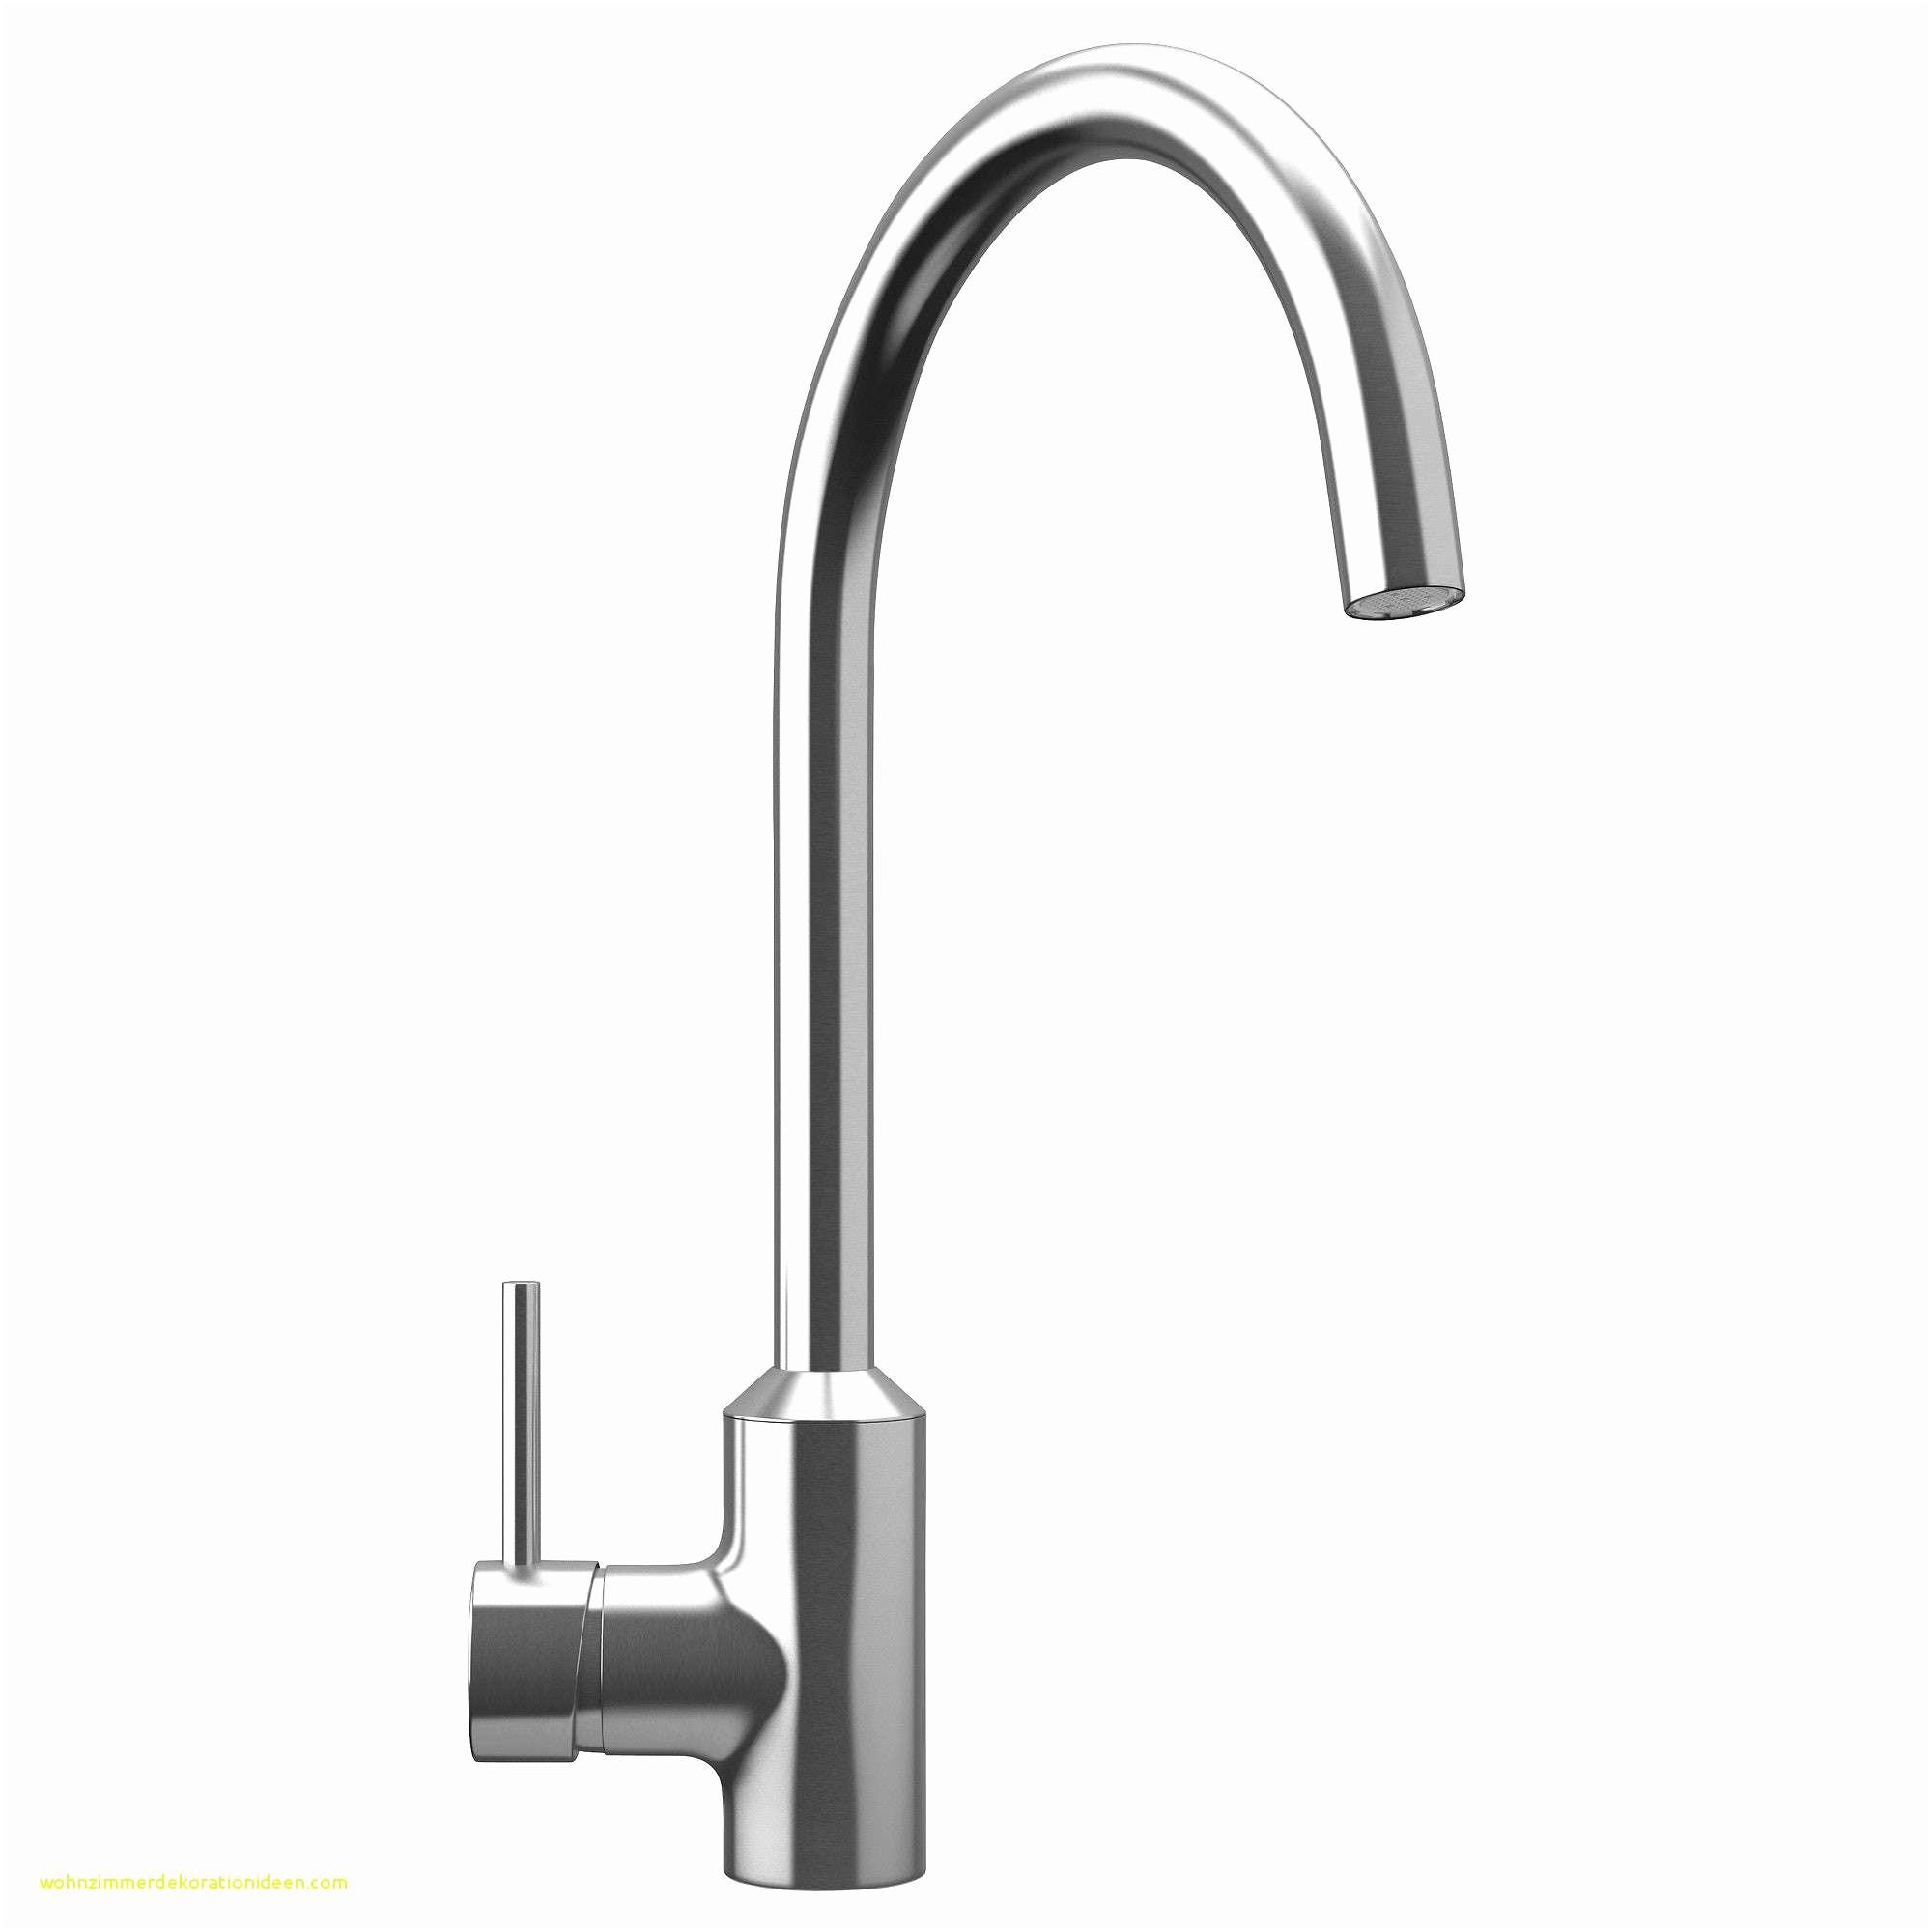 Full Size of Wasserhahn Kche Mischbatterie Wechseln Für Küche Grohe Dusche Thermostat Bad Wandanschluss Wohnzimmer Grohe Wasserhahn